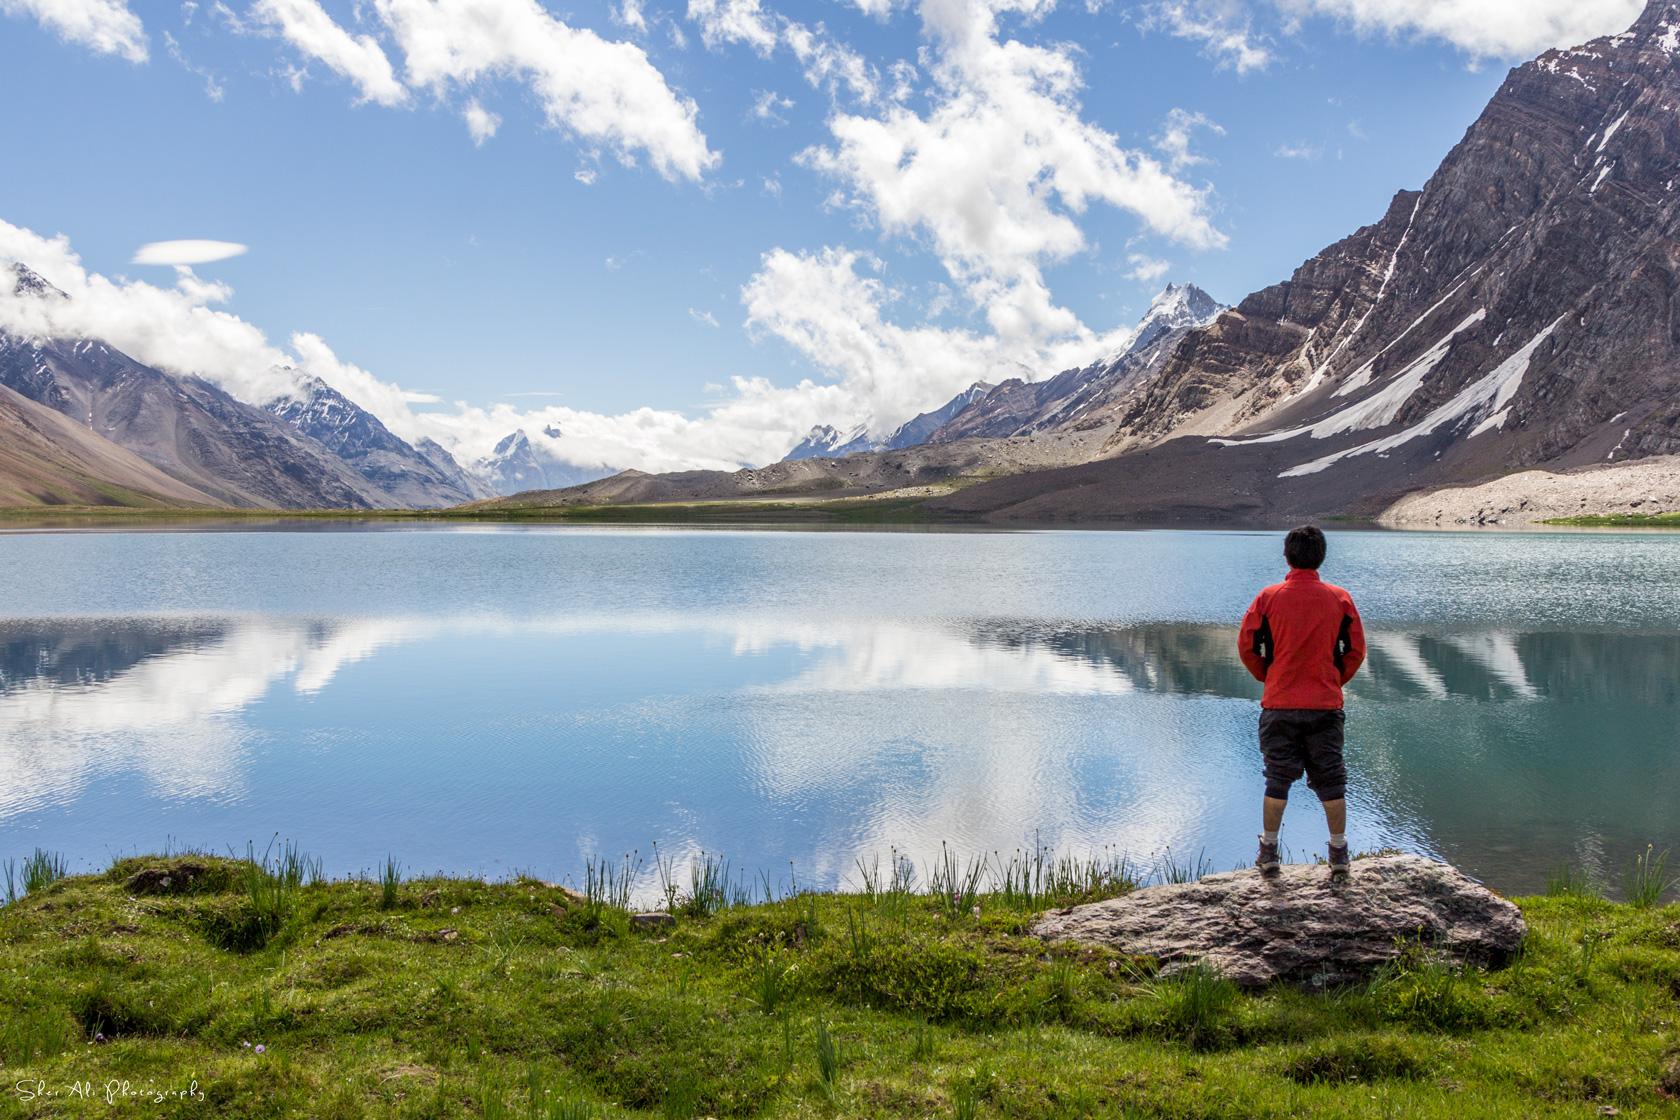 Karomber lake Ishkoman Gilgit Baltistan